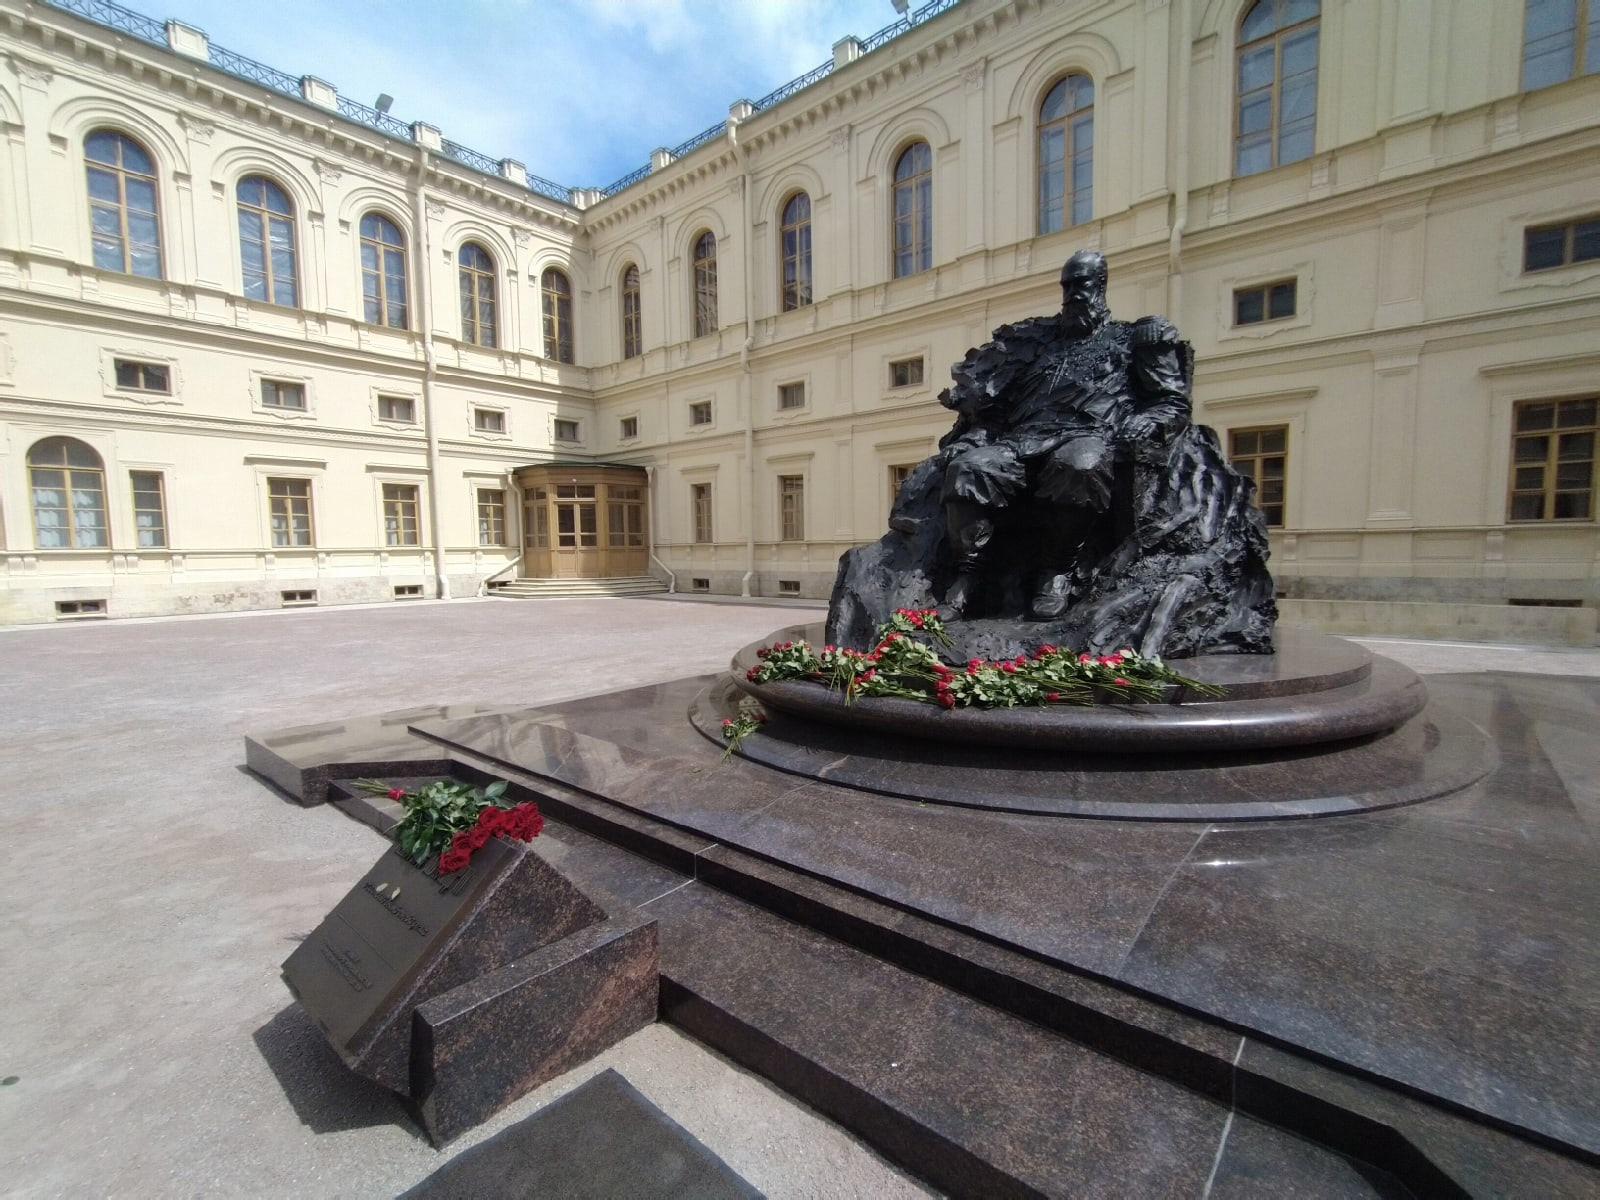 Гатчинский парк: Императорская ферма и новый монумент Александру III